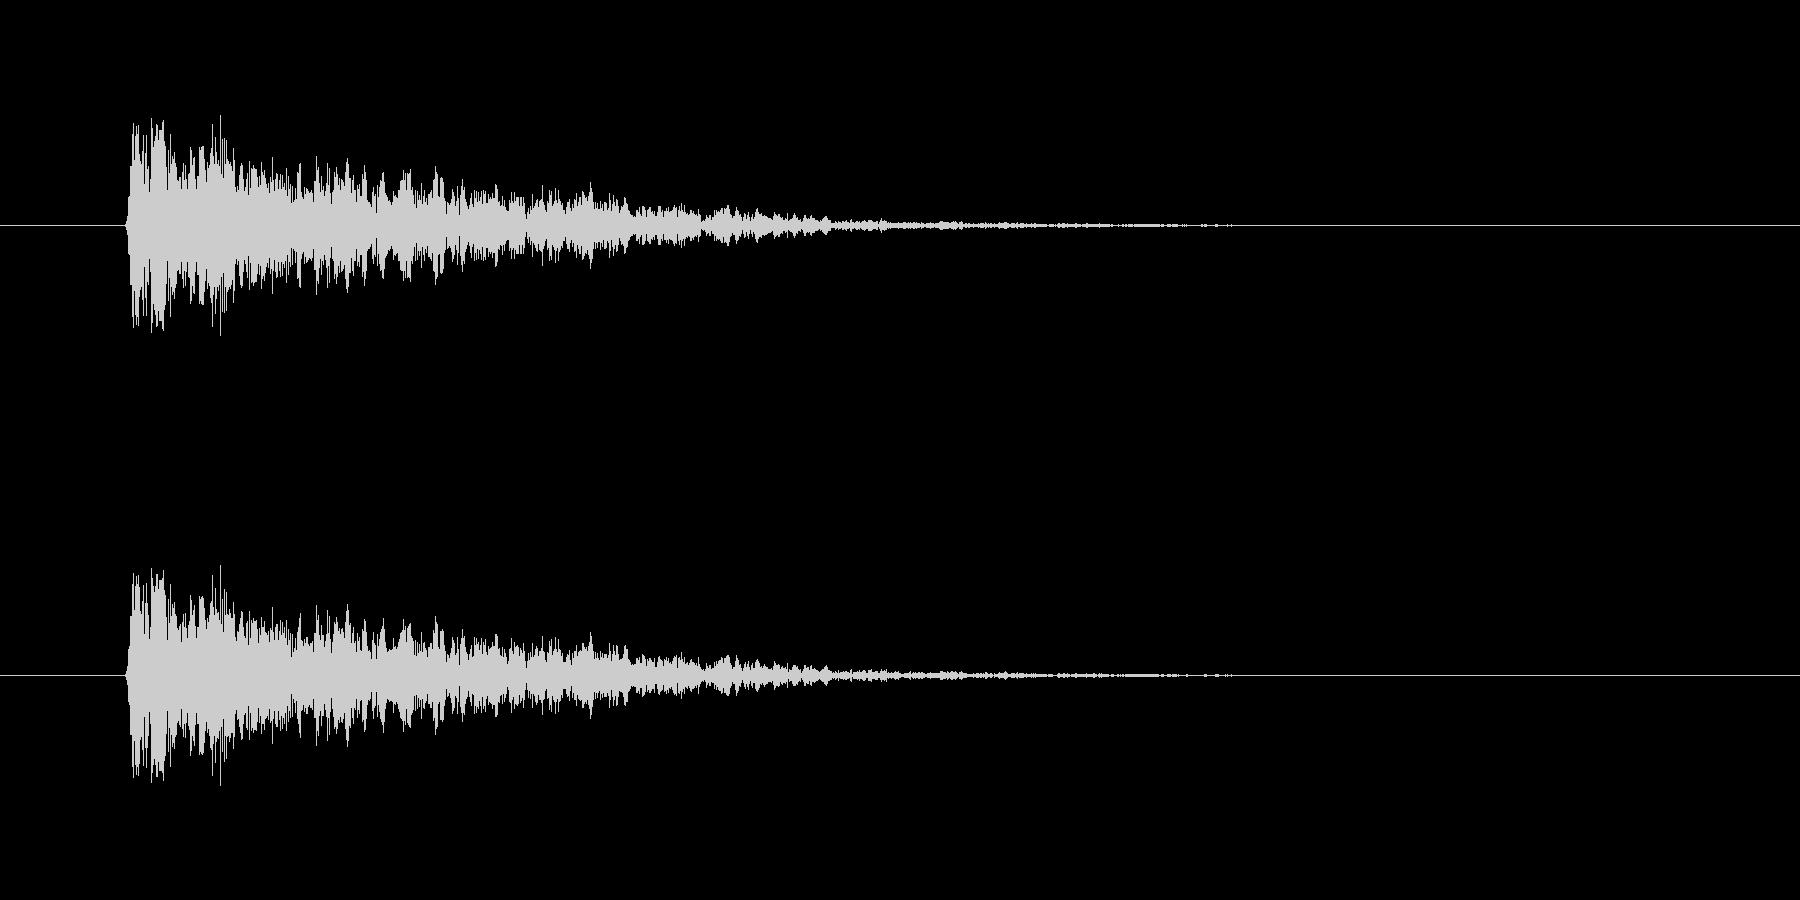 【ネガティブ02-1】の未再生の波形